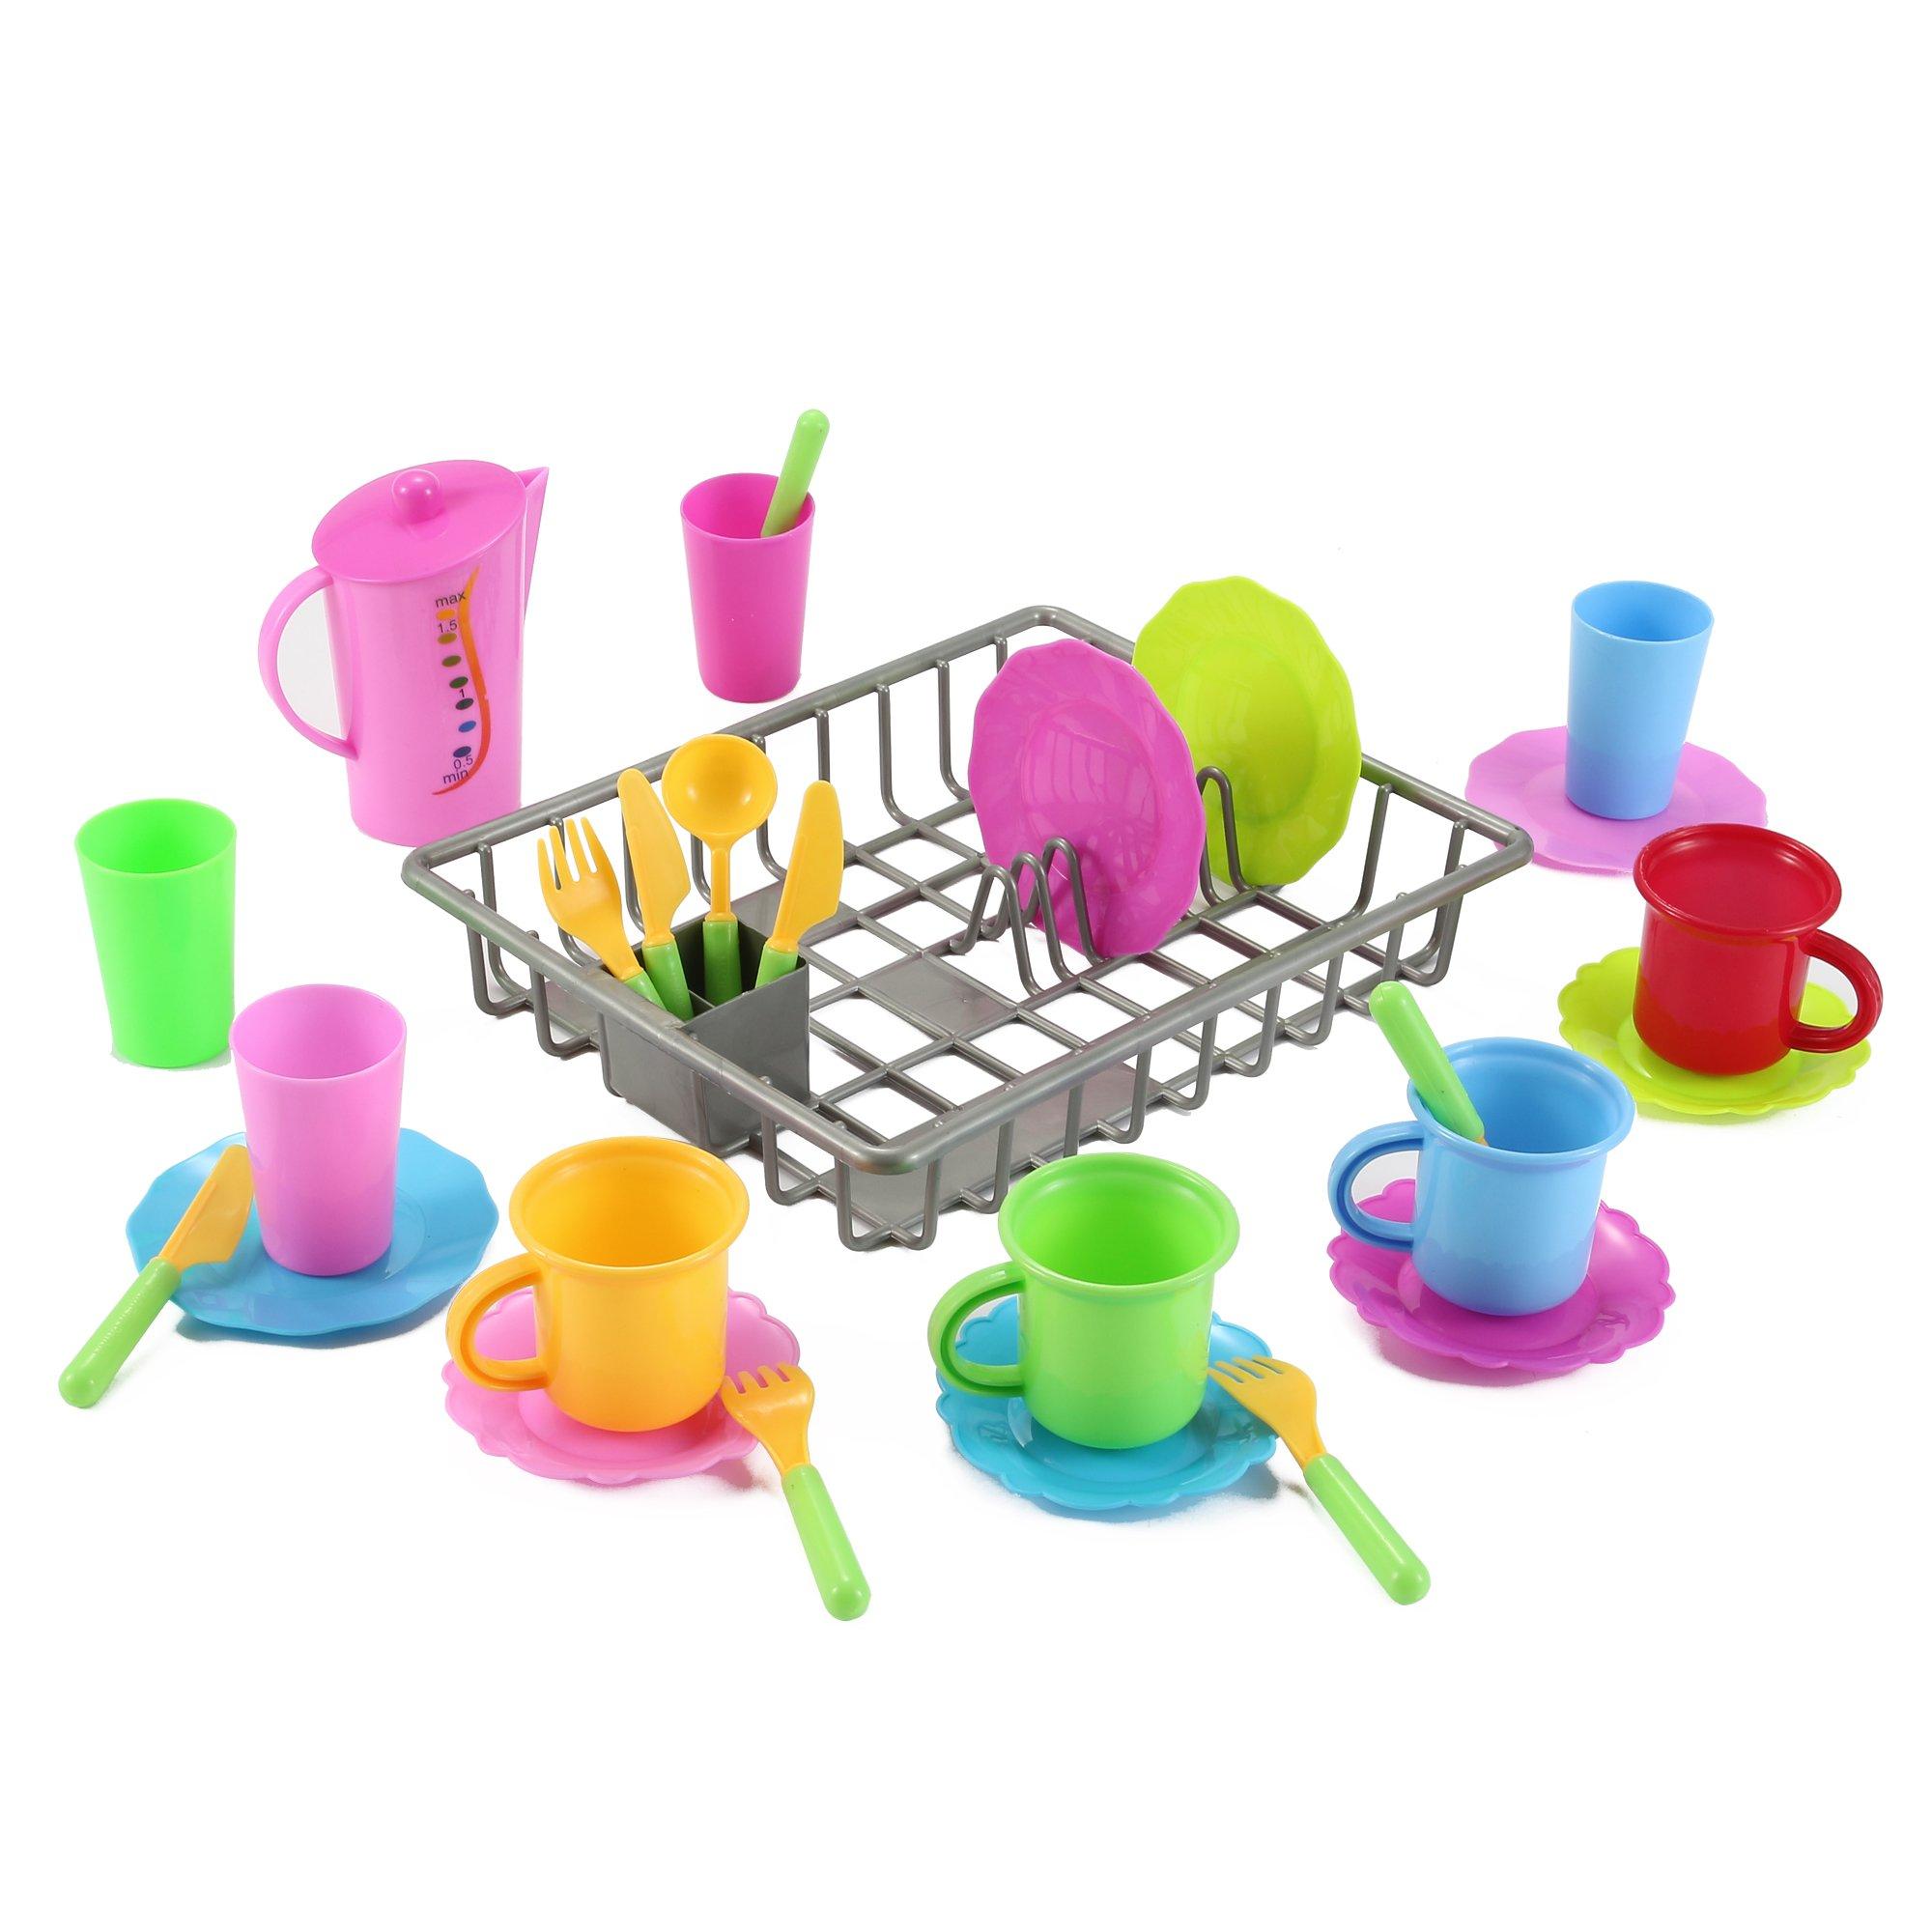 Pretend Play Kitchen Dishes Toy Children Plastic Accessories 27